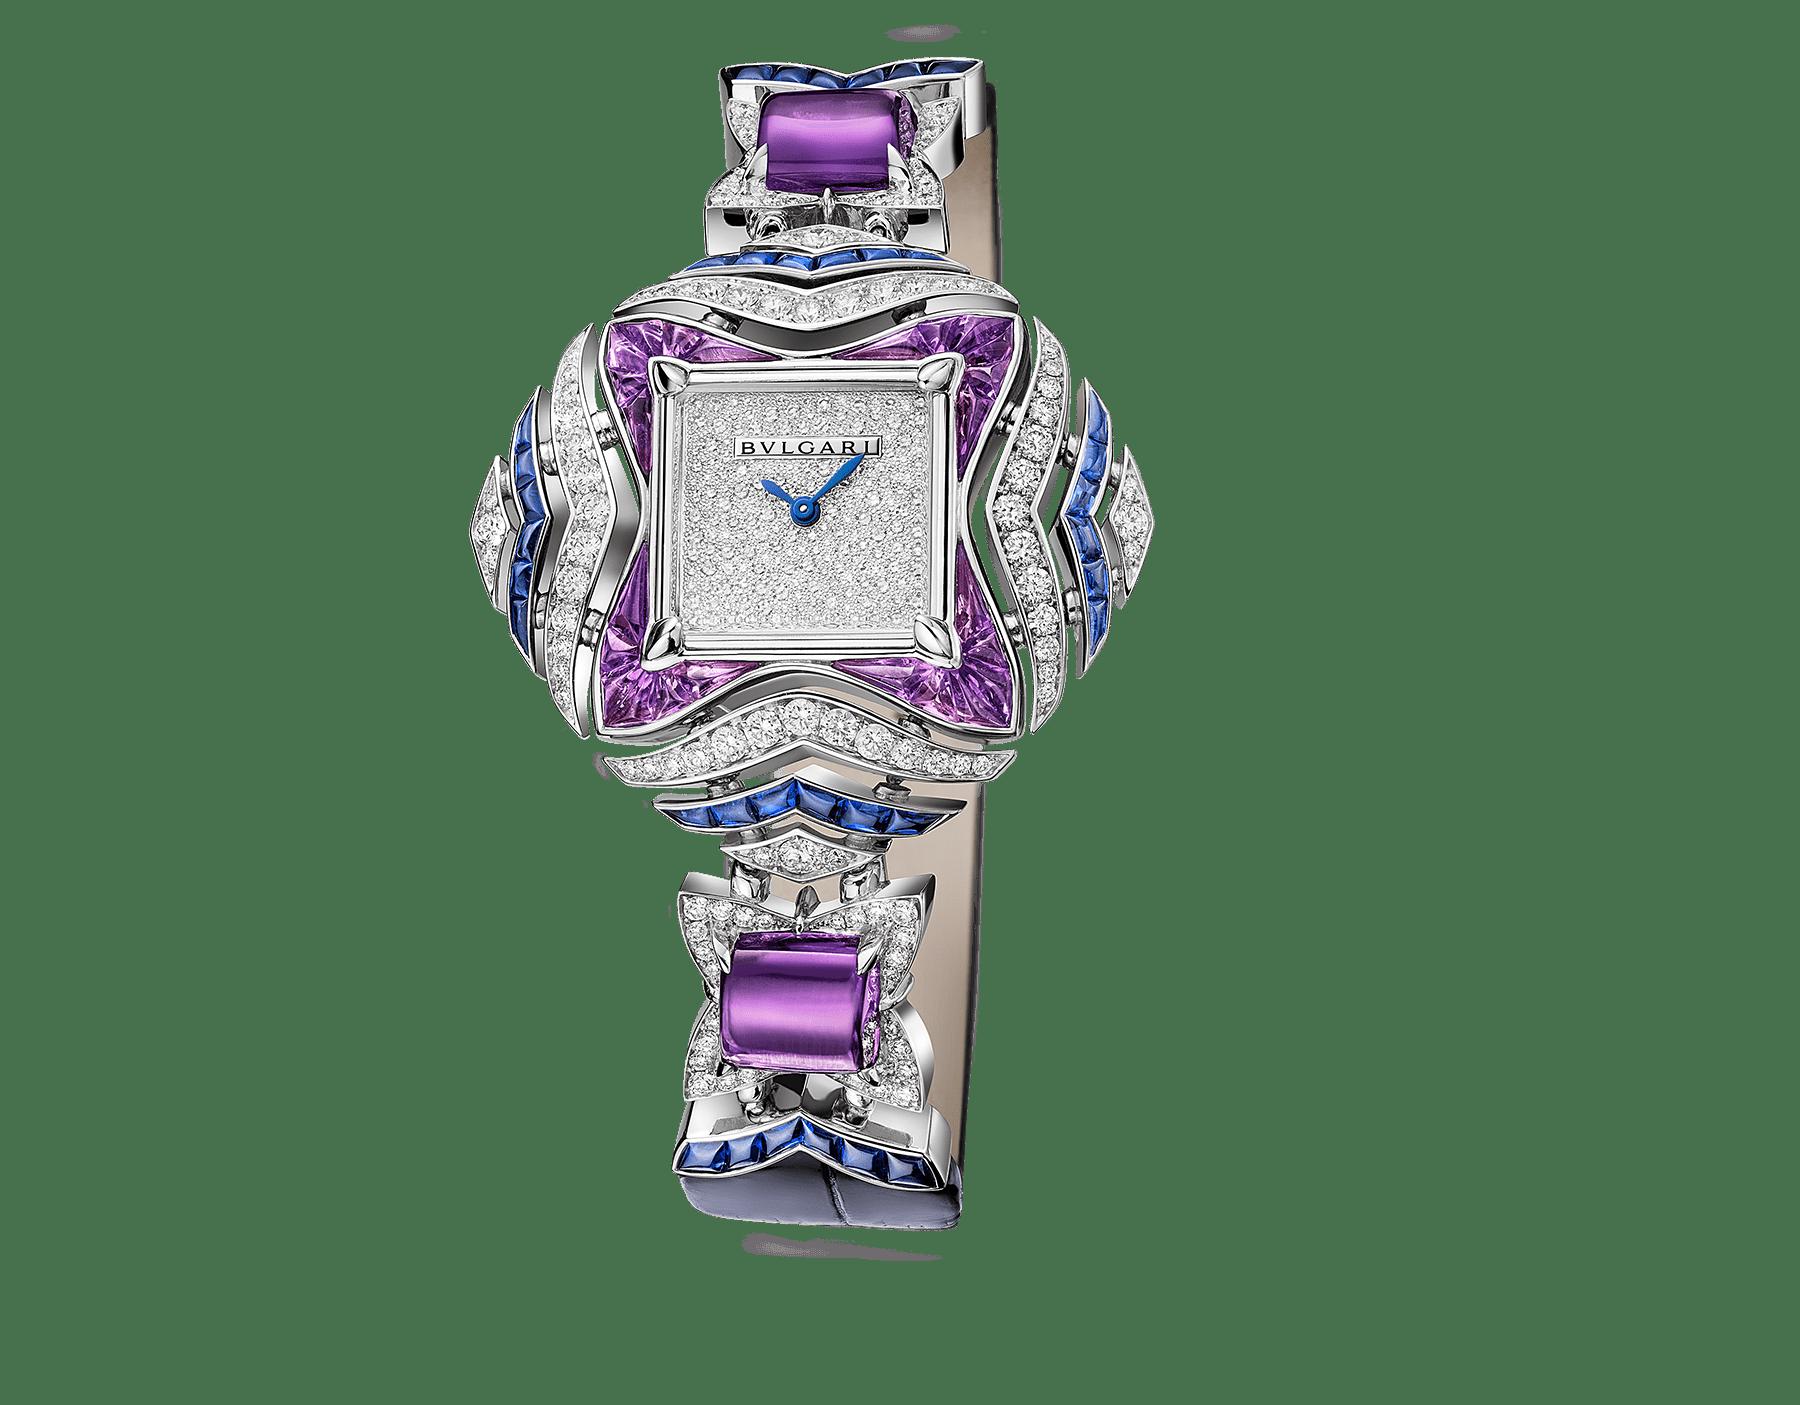 Montre MVSA avec boîtier et maillons en or blanc 18K sertis de diamants taille brillant, de saphirs taille suiffée et d'améthystes taille cabochon et suiffée, cadran pavé diamants serti «neige» et bracelet en alligator bleu 102244 image 1